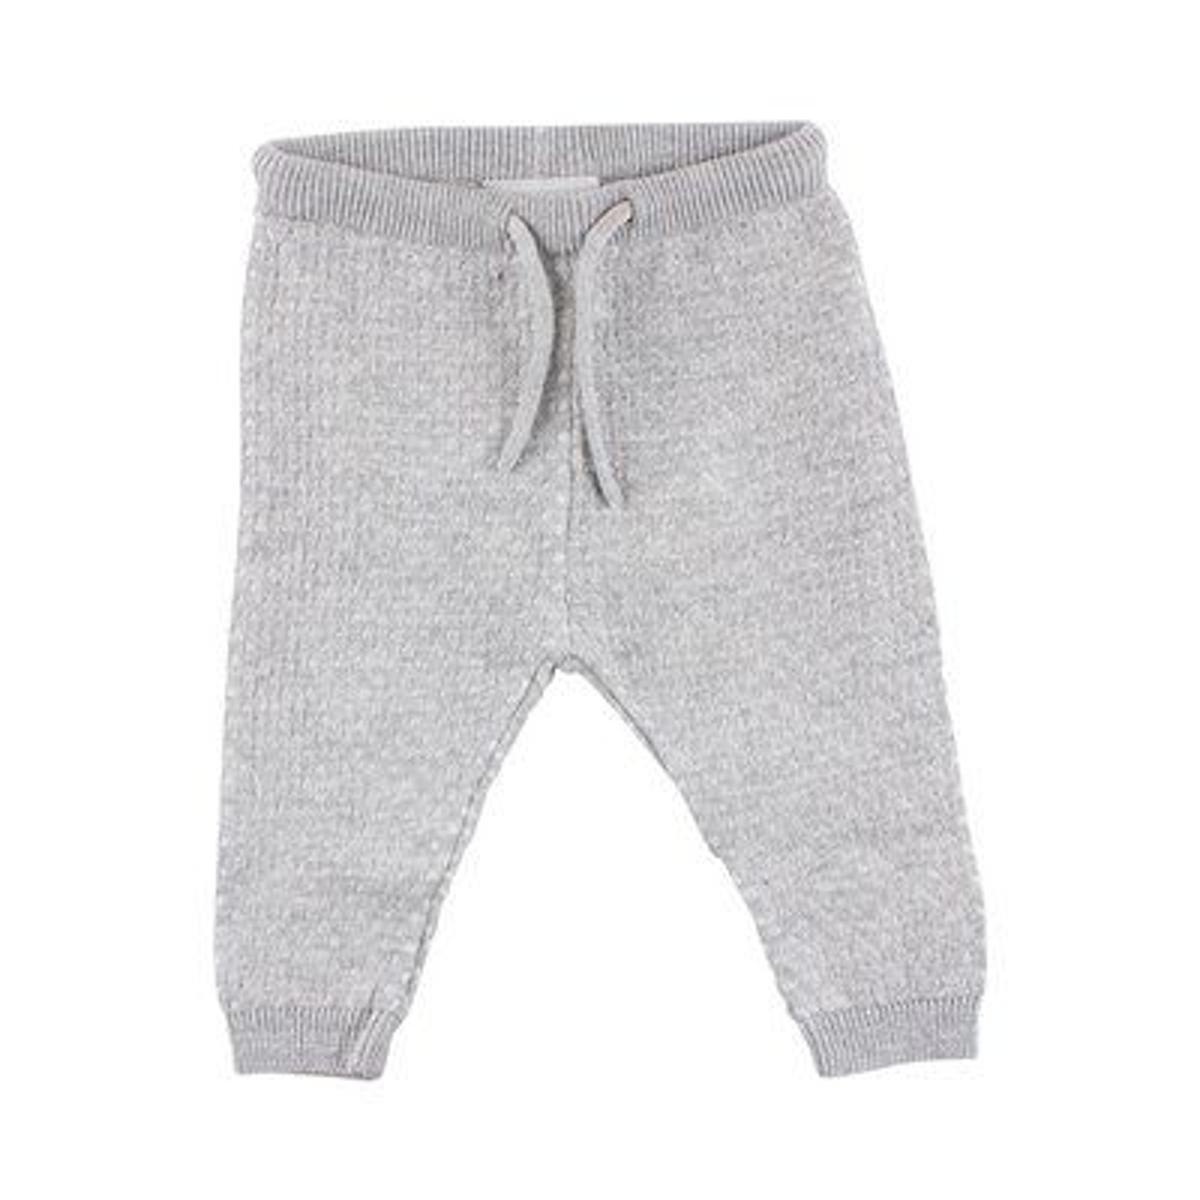 Fixoni Pantalon en maille structurée pantalon bébé